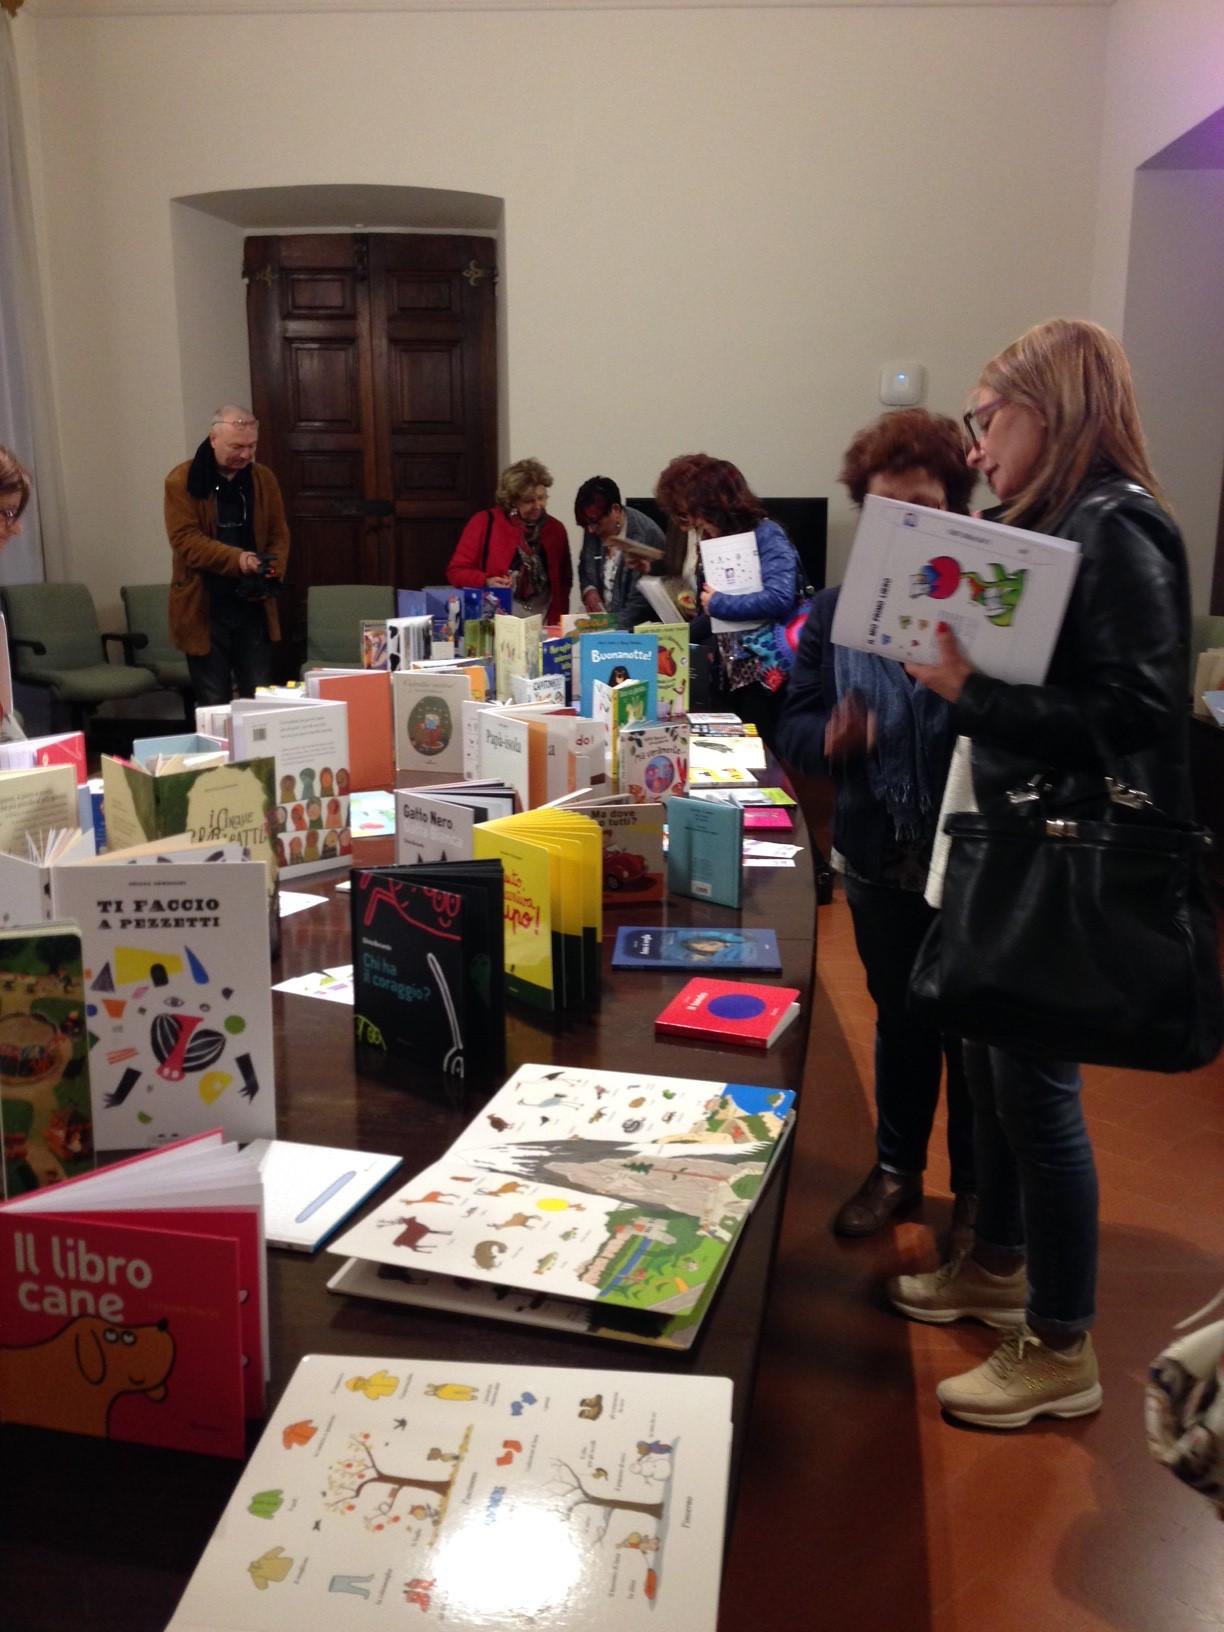 Il Maggio Dei Libri Incontro Su Lettura Come Opportunita Di Benessere Per Il Bambino Regione Umbria Presenta Nuovi Kit Lettura Il Mio Primo Libro Umbria Notizie Web